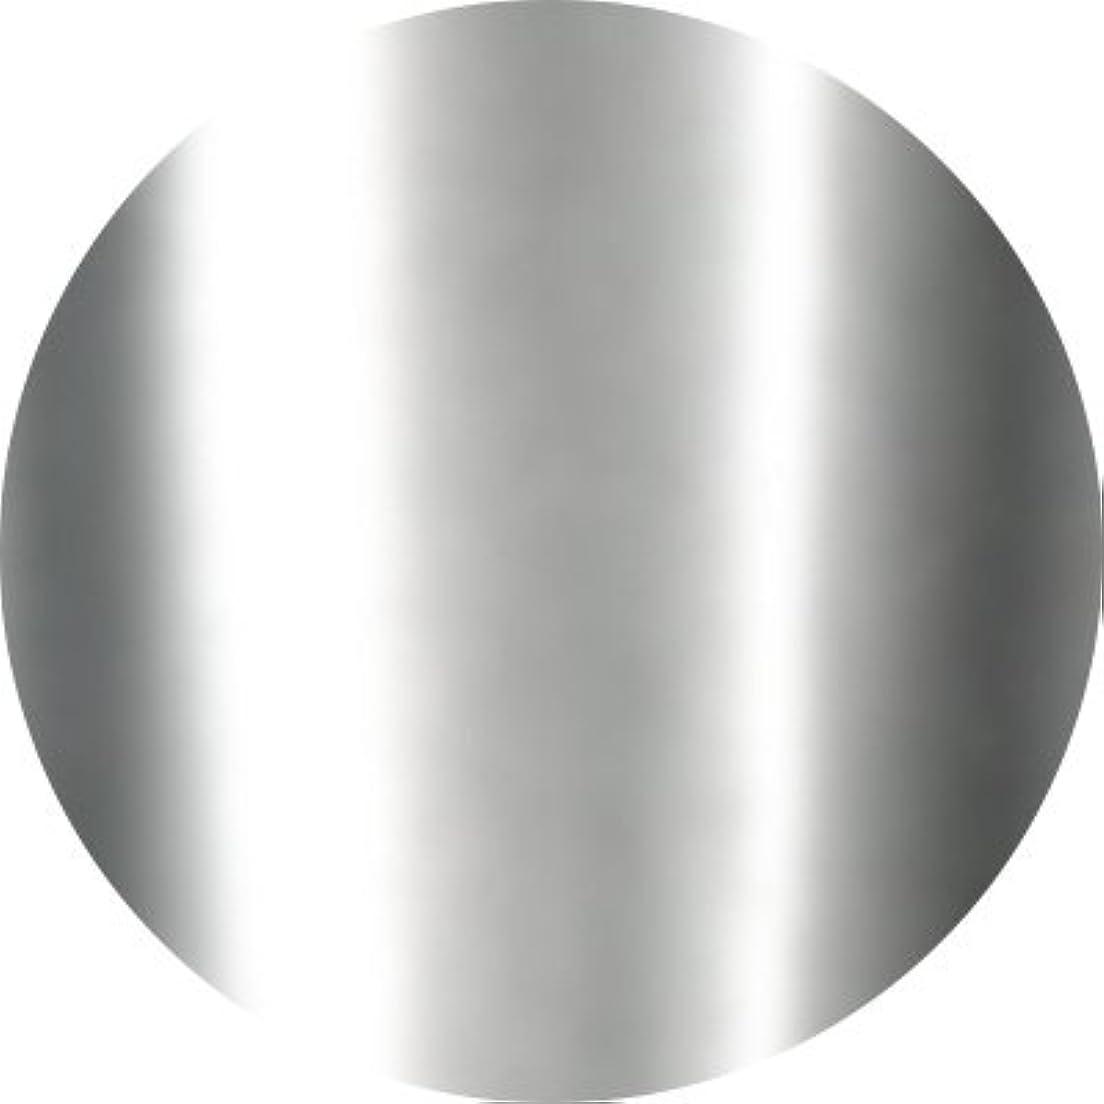 人工ワークショップ天国Jewelry jel(ジュエリージェル) カラージェル 5ml<BR>ピッカピカメタリック MKシルバー